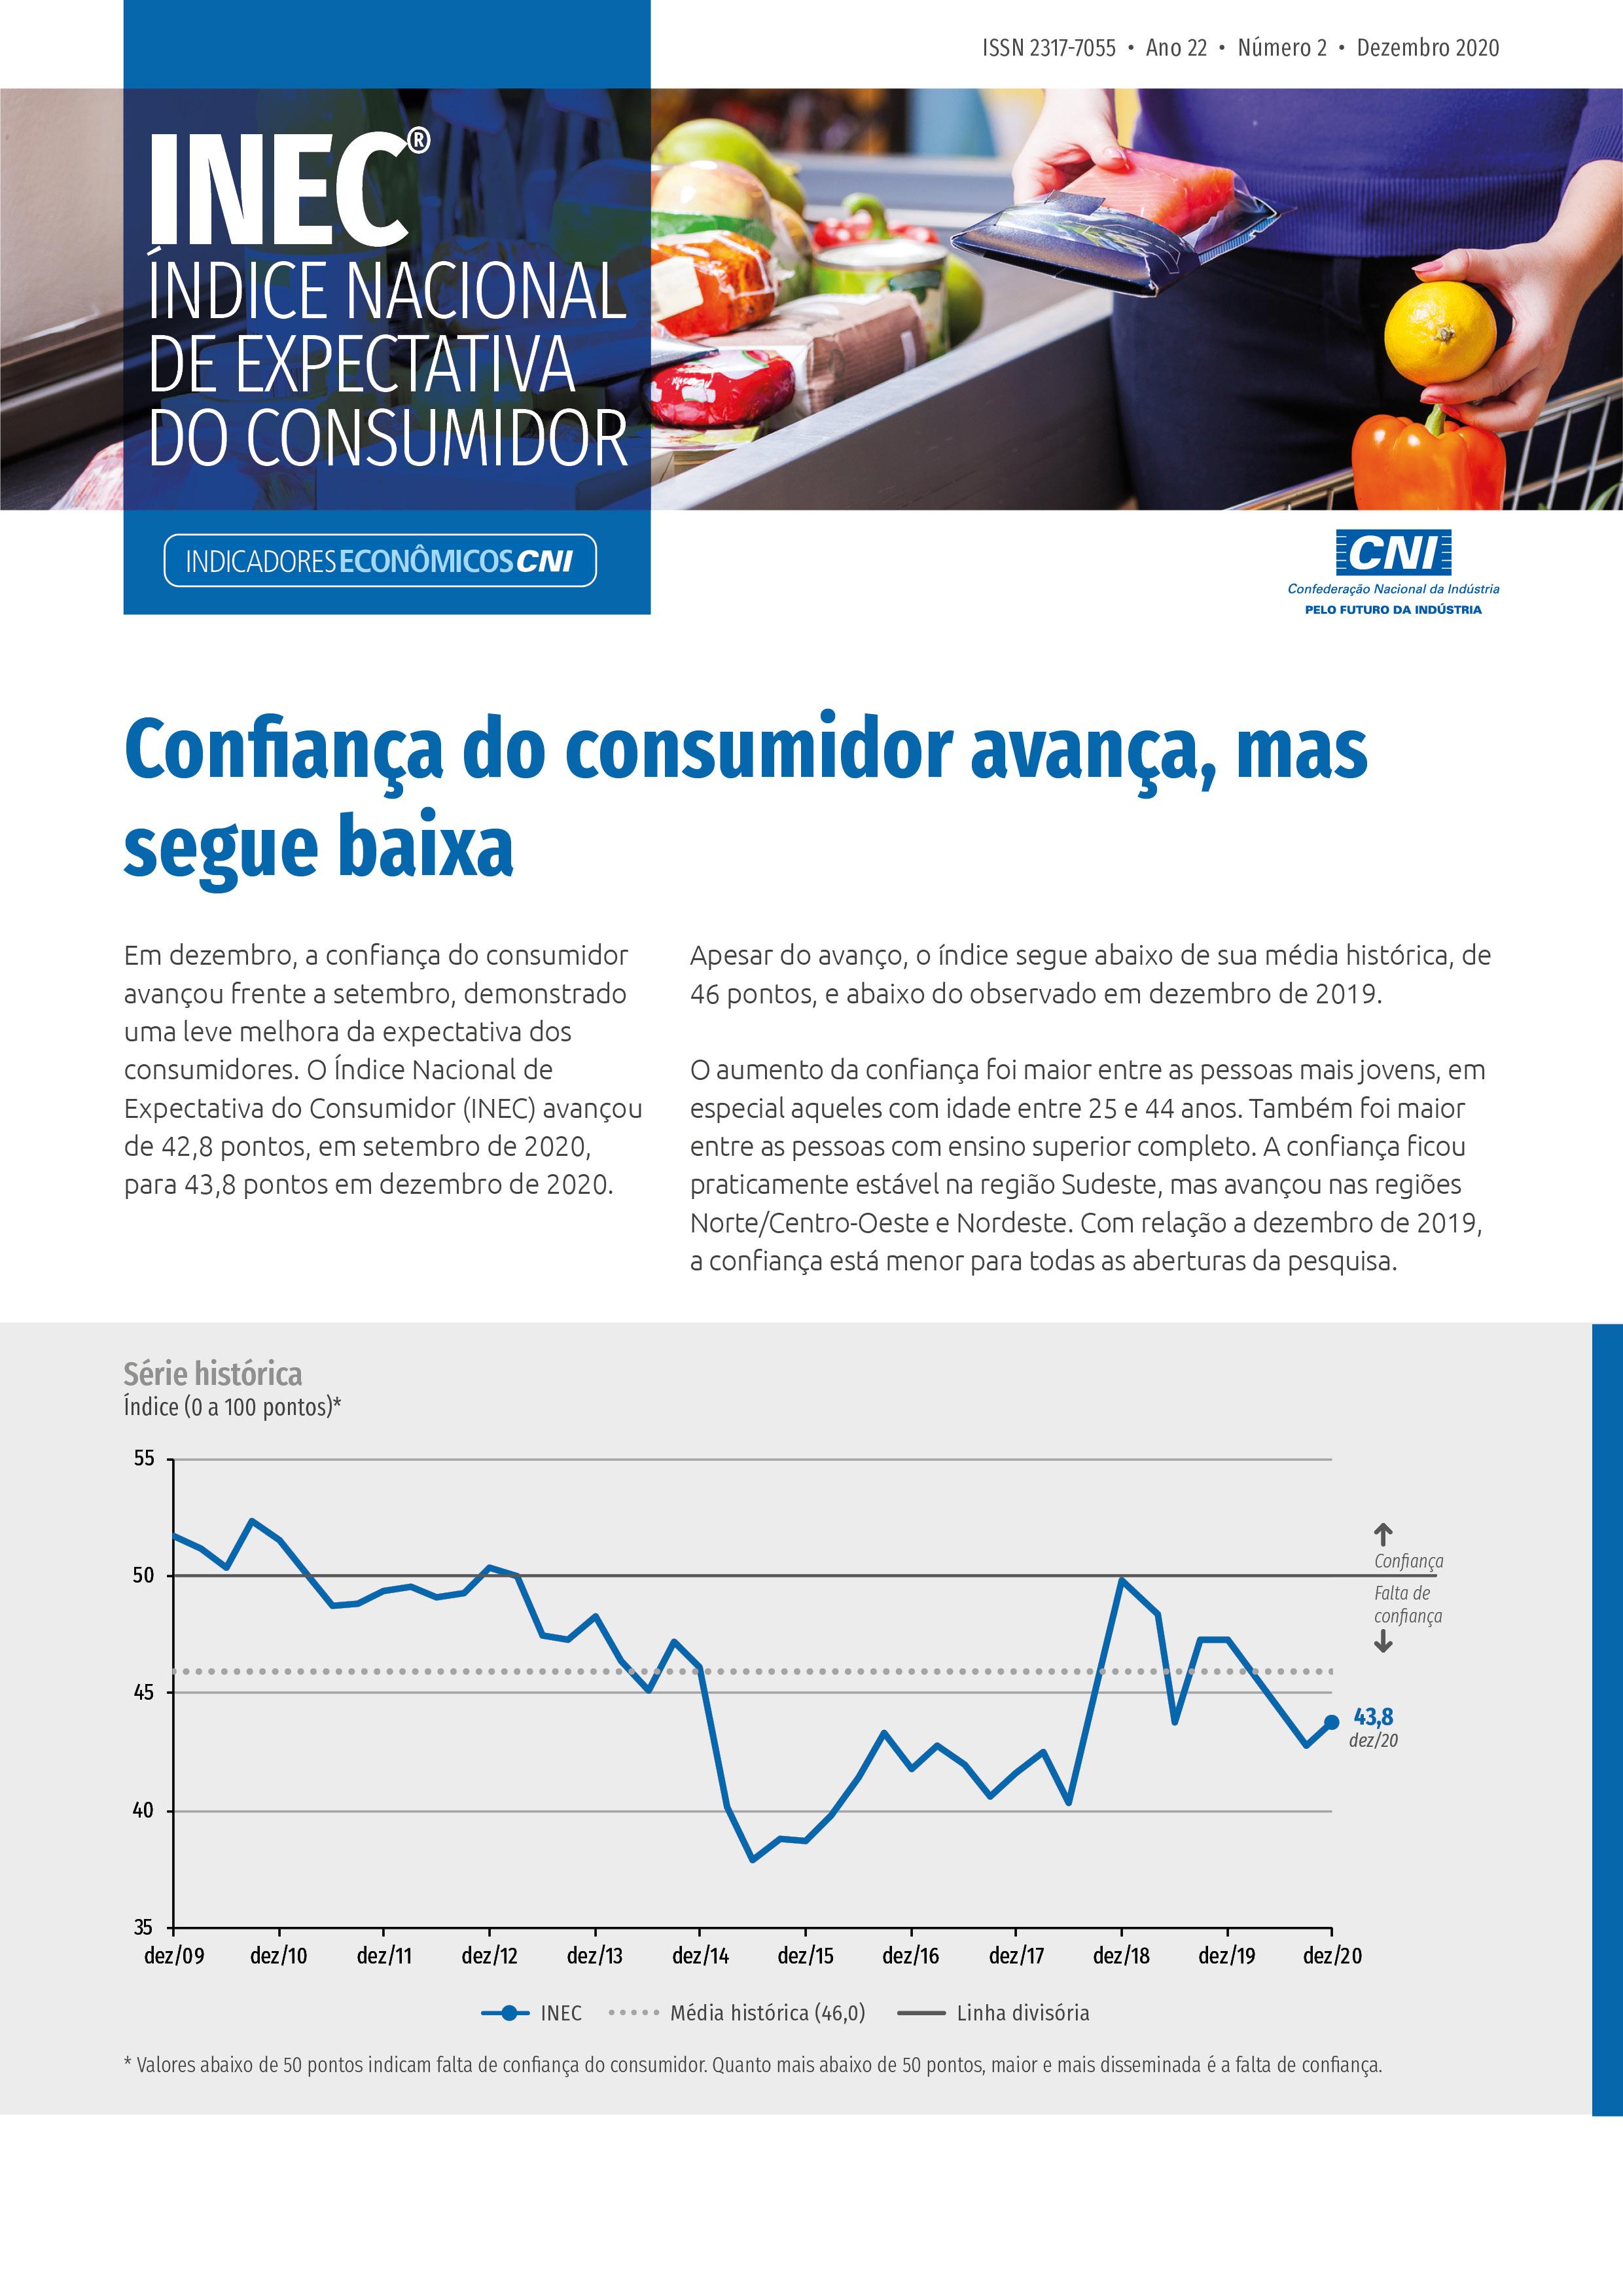 INEC - Índice Nacional de Expectativa do Consumidor